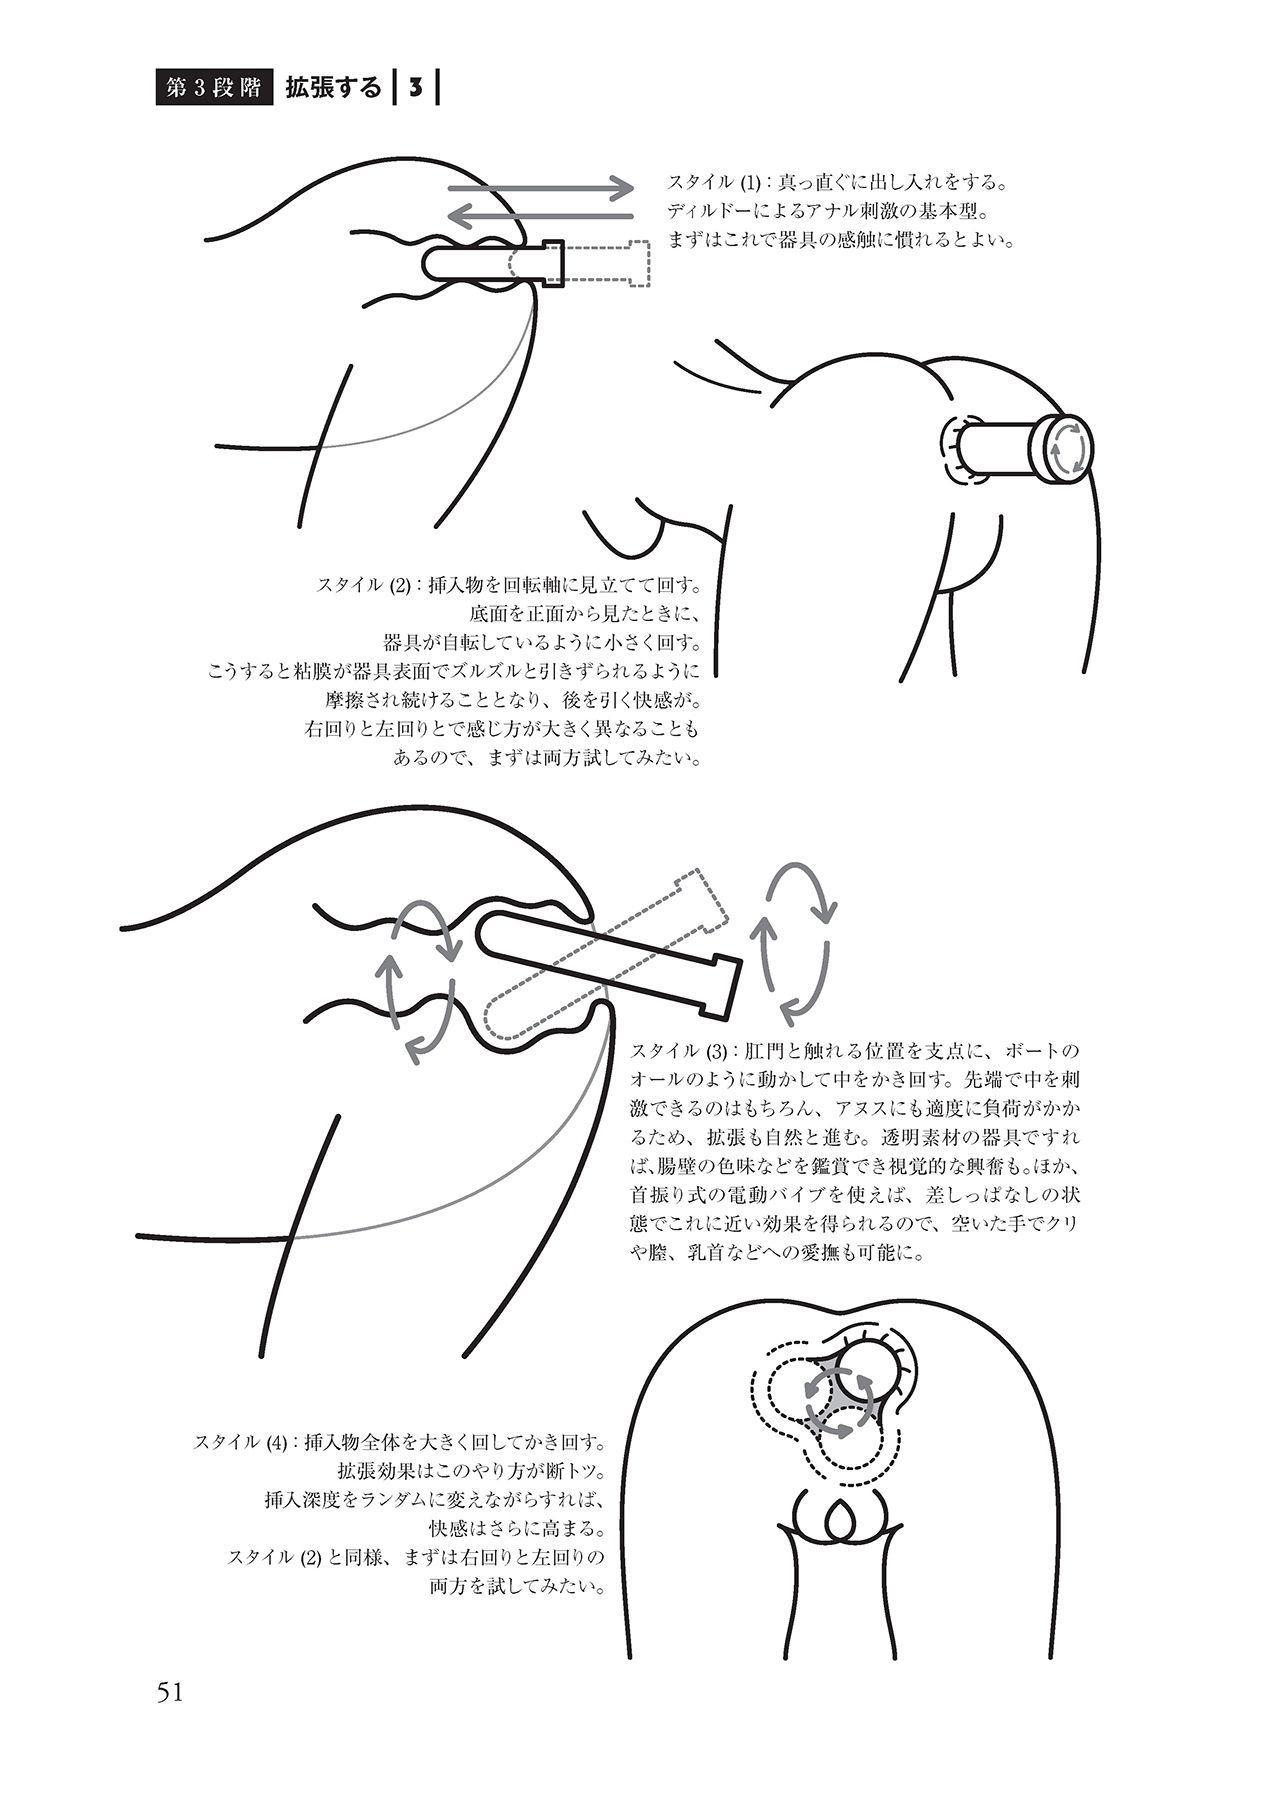 アナル性感開発・お尻エッチ 完全マニュアル 52